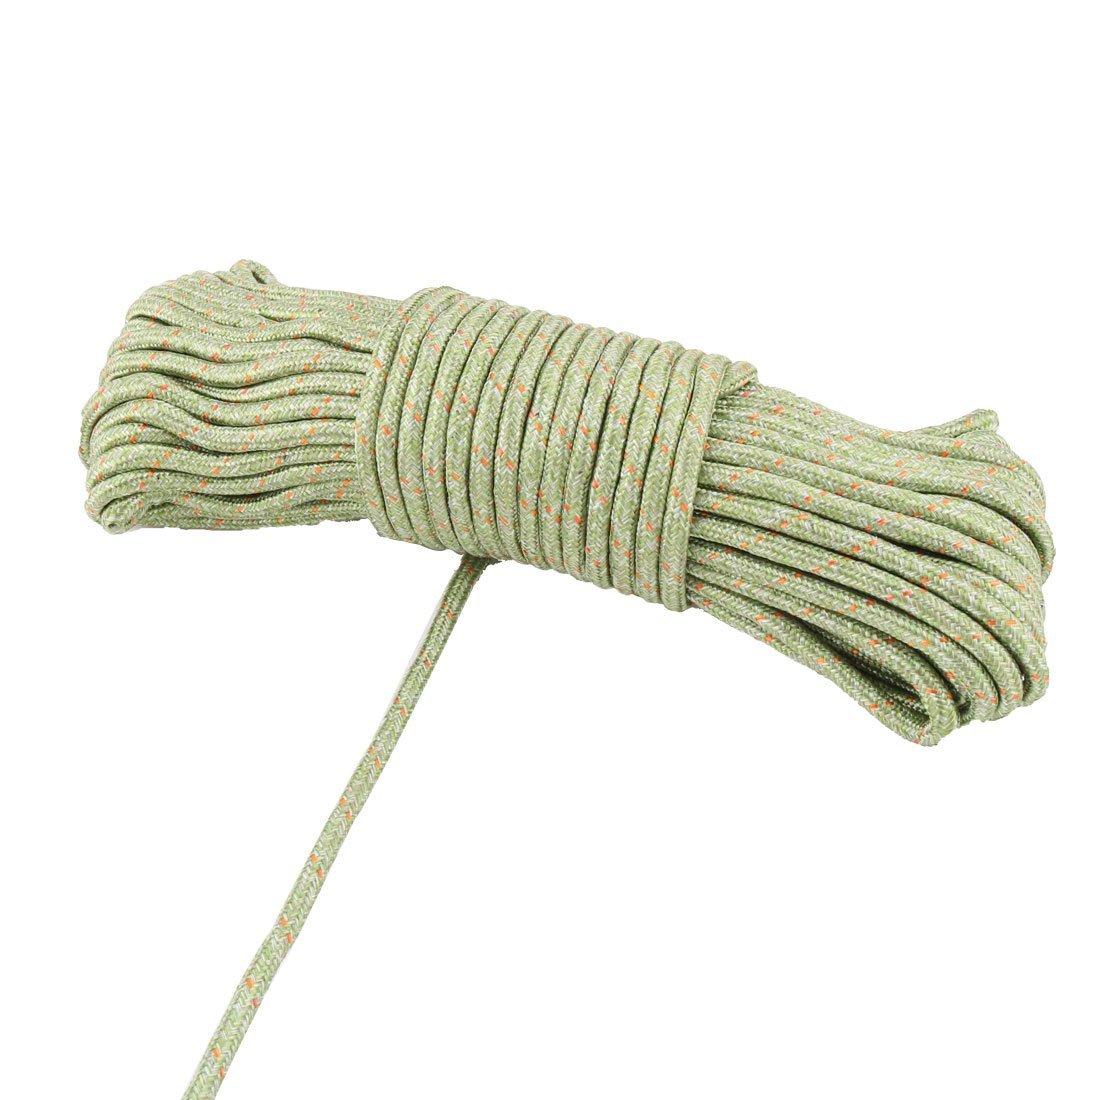 Amazon.com: eDealMax de Nylon antideslizante a prueba de Viento del hogar Colgando ropa Cadena cuerda Para Tender la ropa Línea de 28m Long Green: Home & ...